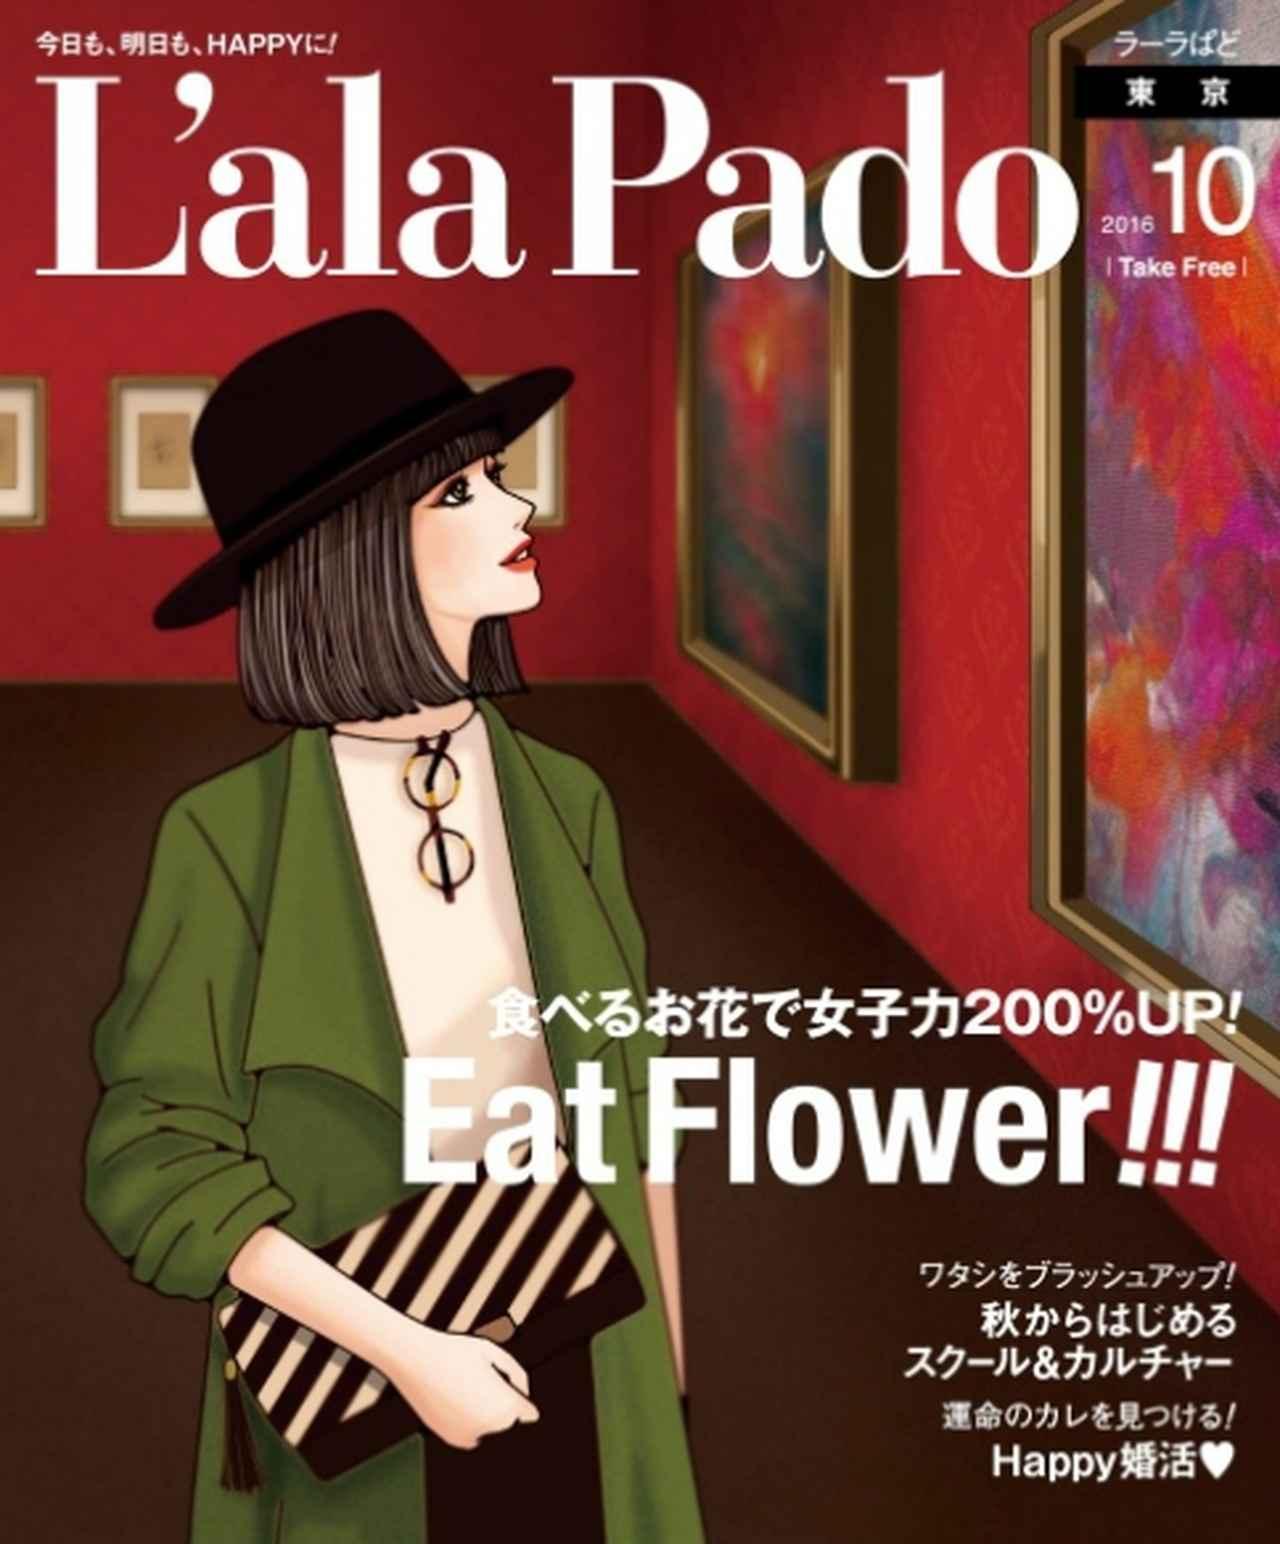 画像: ラーラぱど プラス[L'ala Pado Plus]東京 オフィスで働く女性のための情報(グルメ・美容・エステ・キャリア・スクールetc.)&ブログサイト